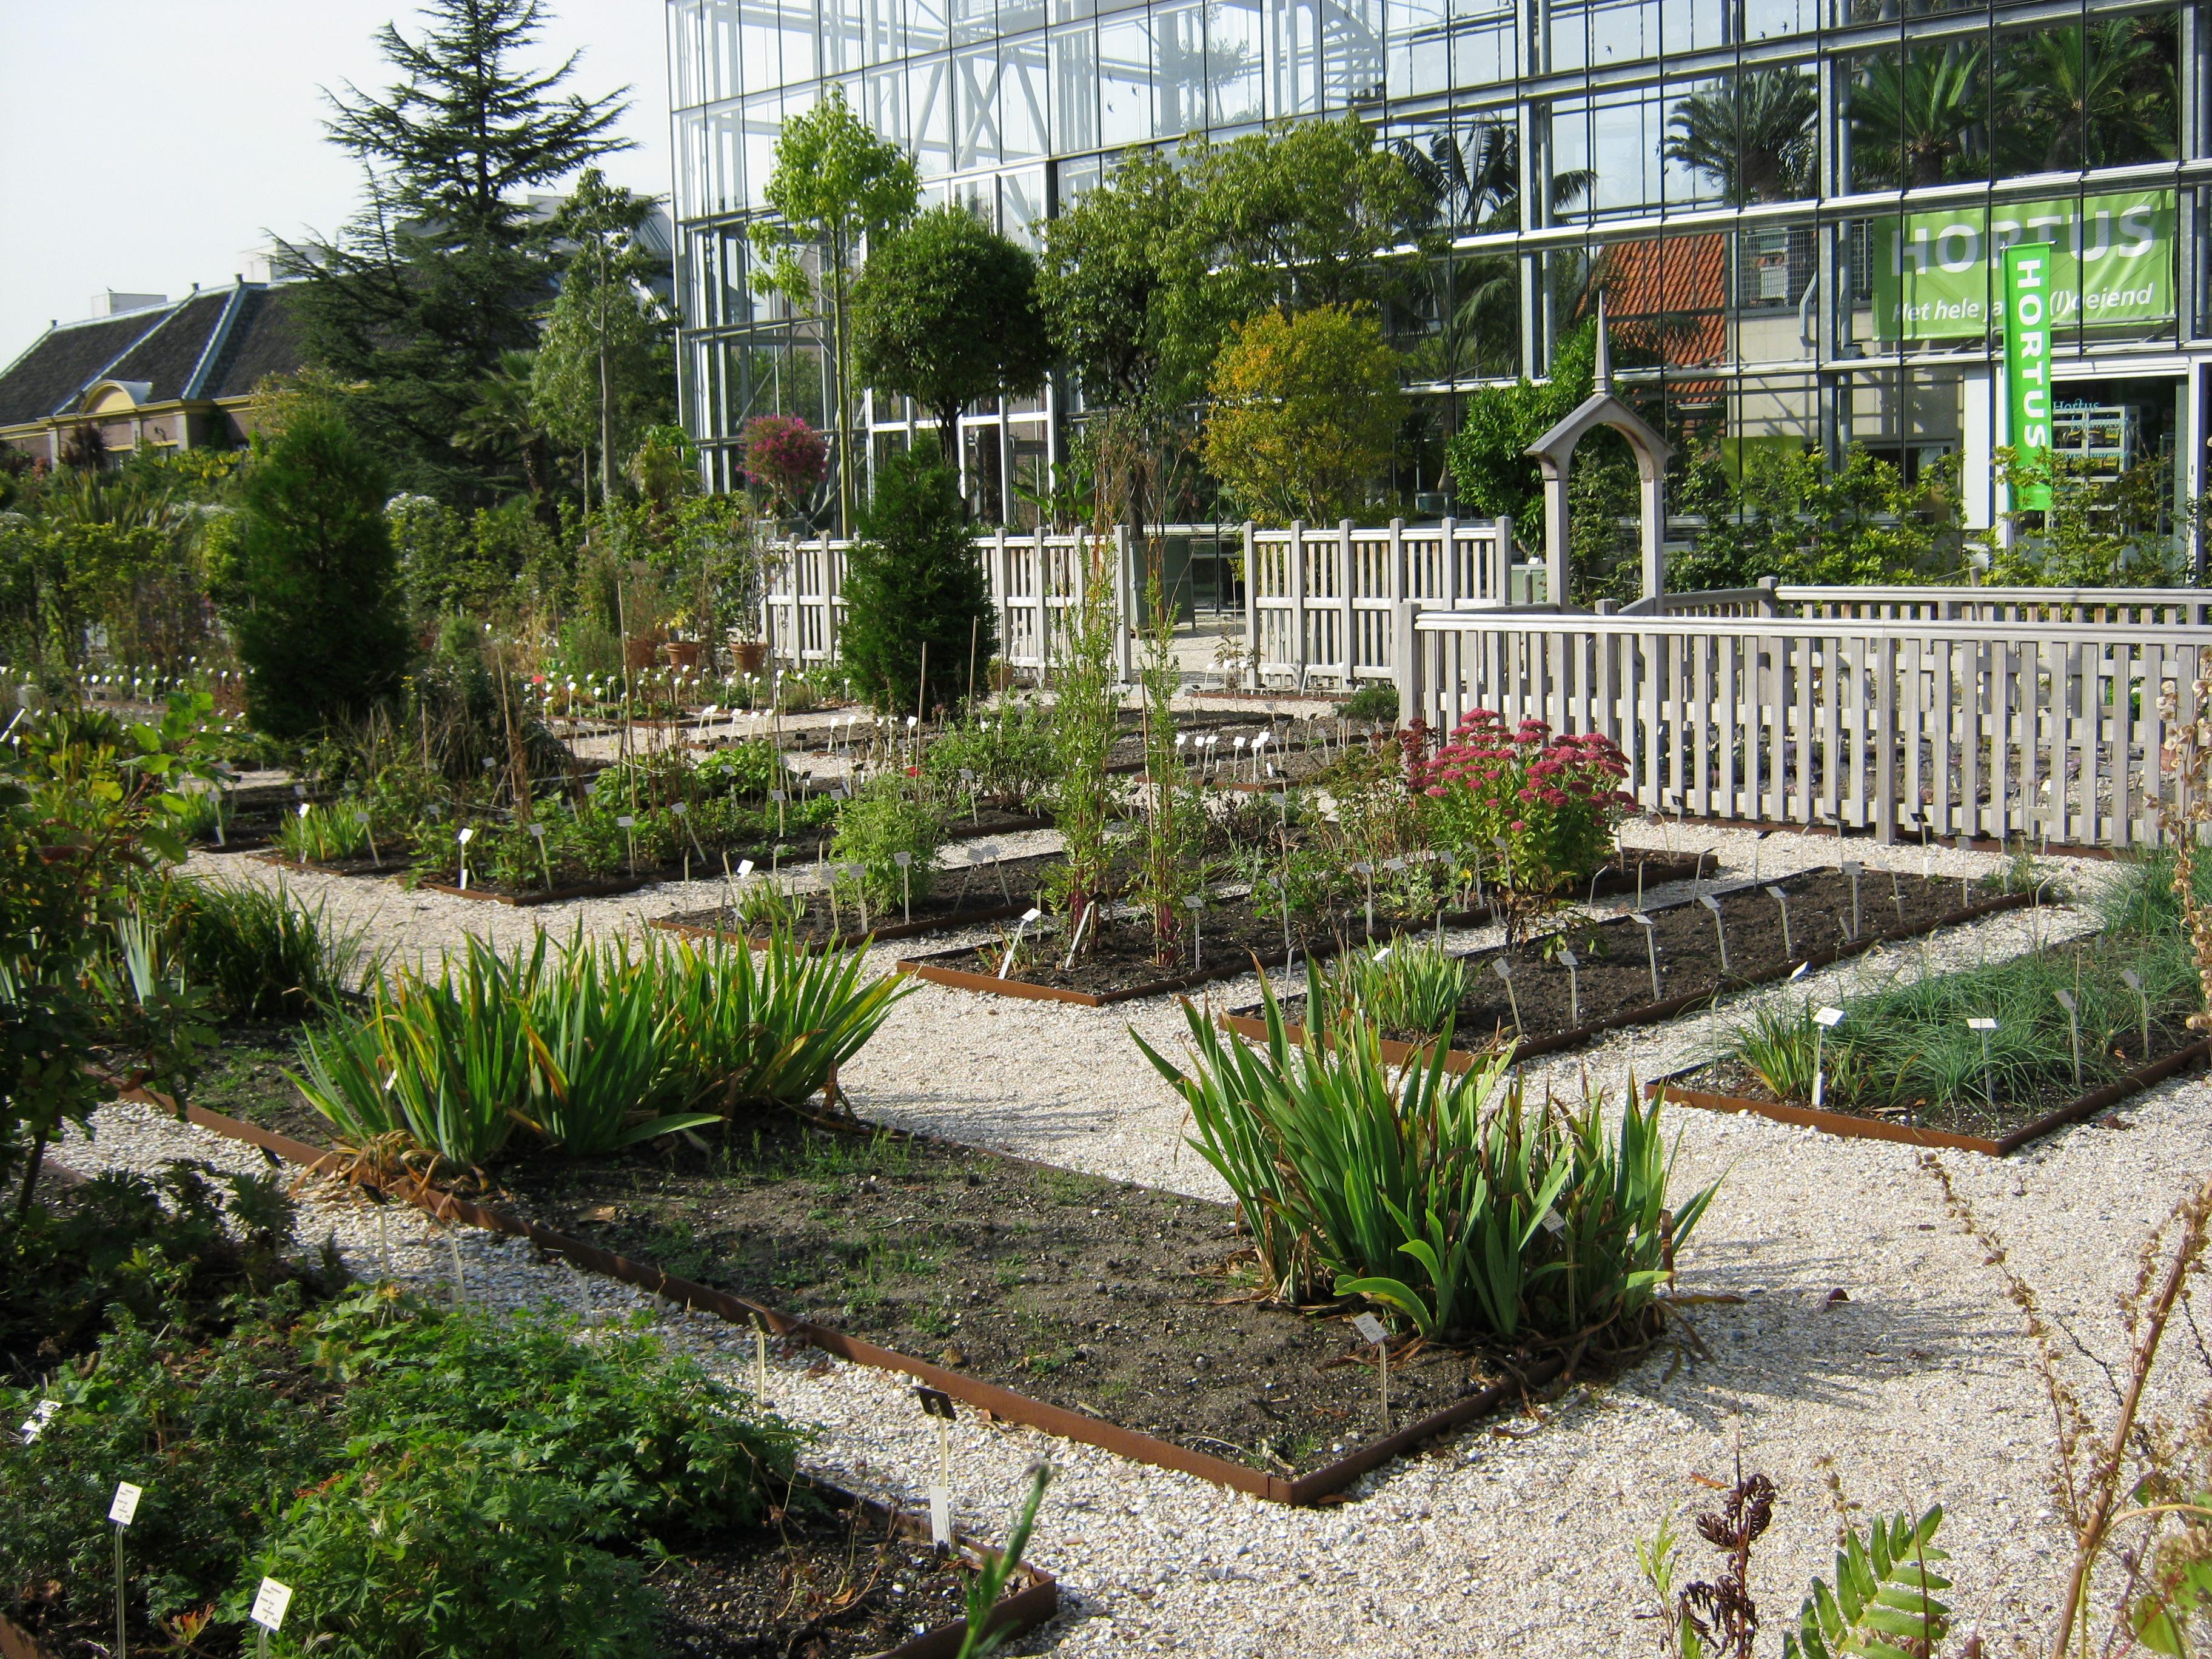 Botanische Tuin Leiden : Reconstructie clusiustuin hortus botanicus te leiden rod or advies